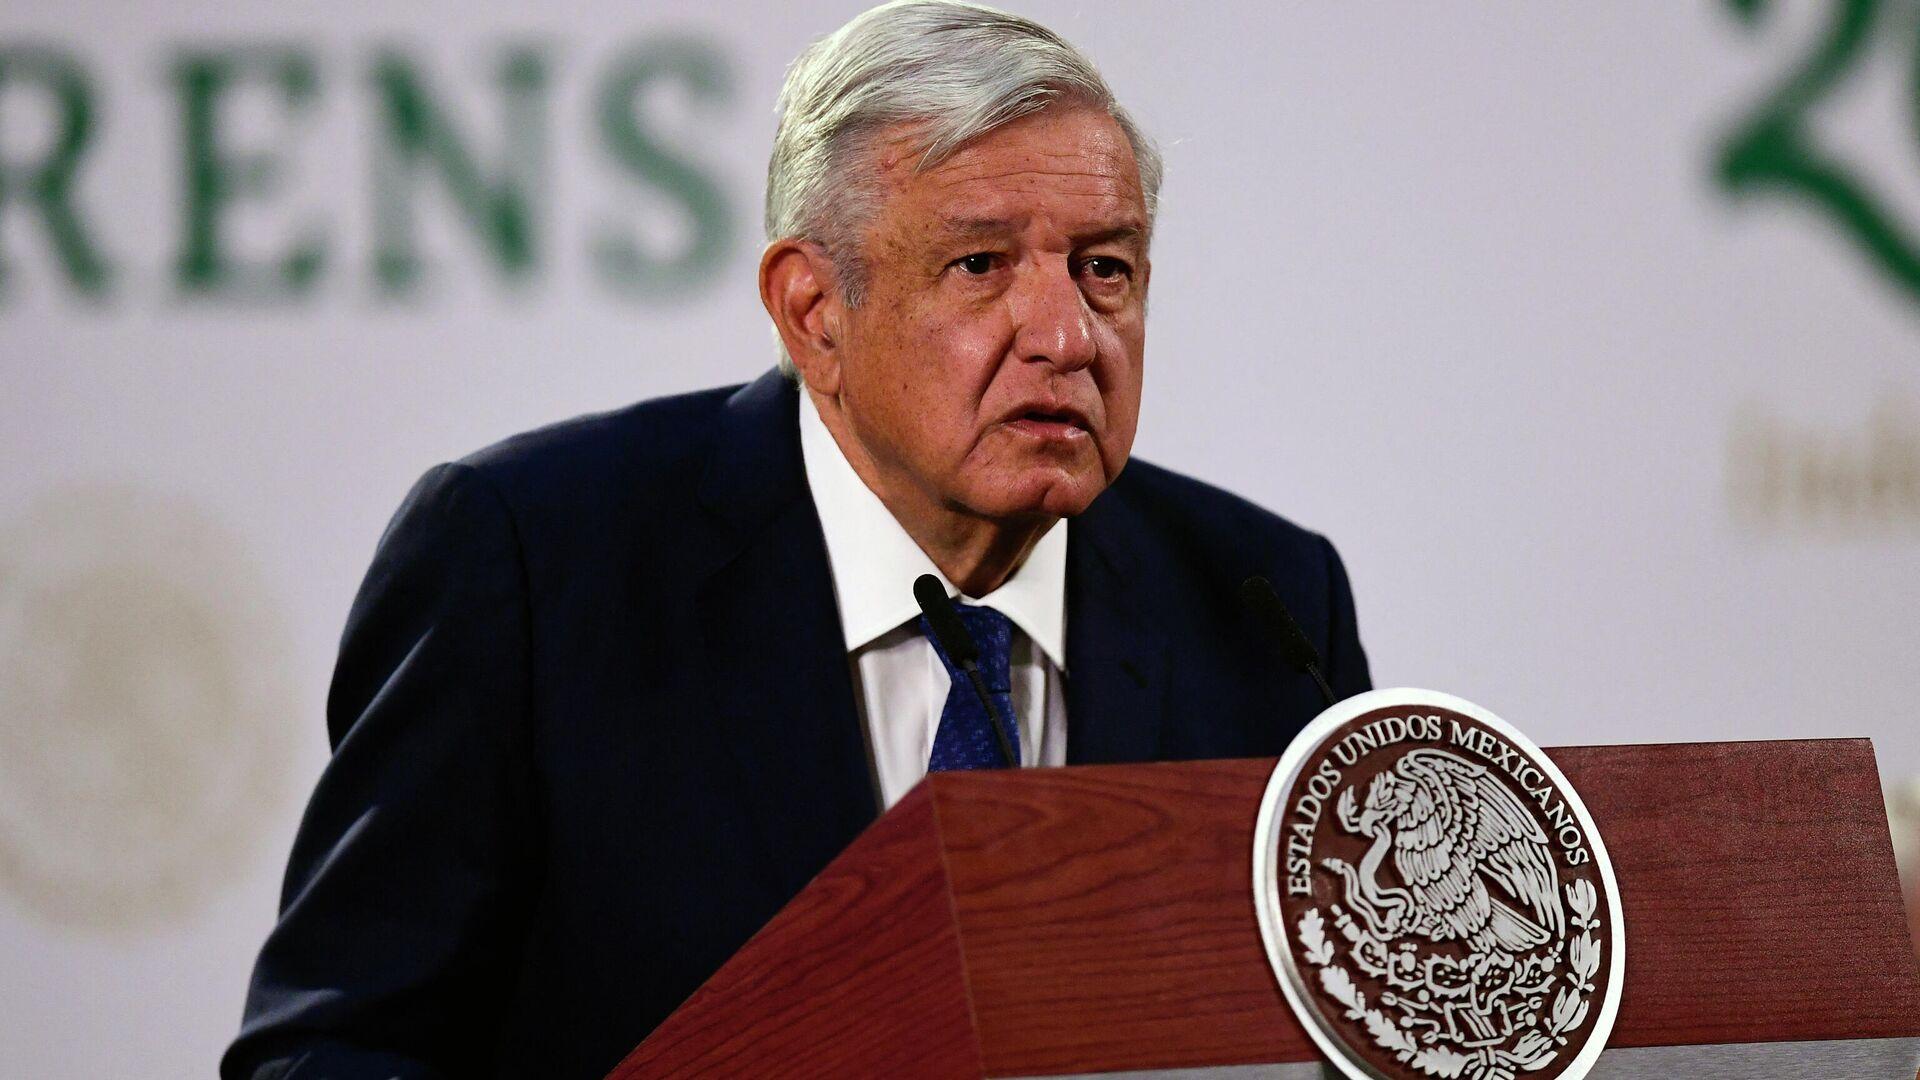 Andrés Manuel López Obrador, presidente de México - Sputnik Mundo, 1920, 24.06.2021